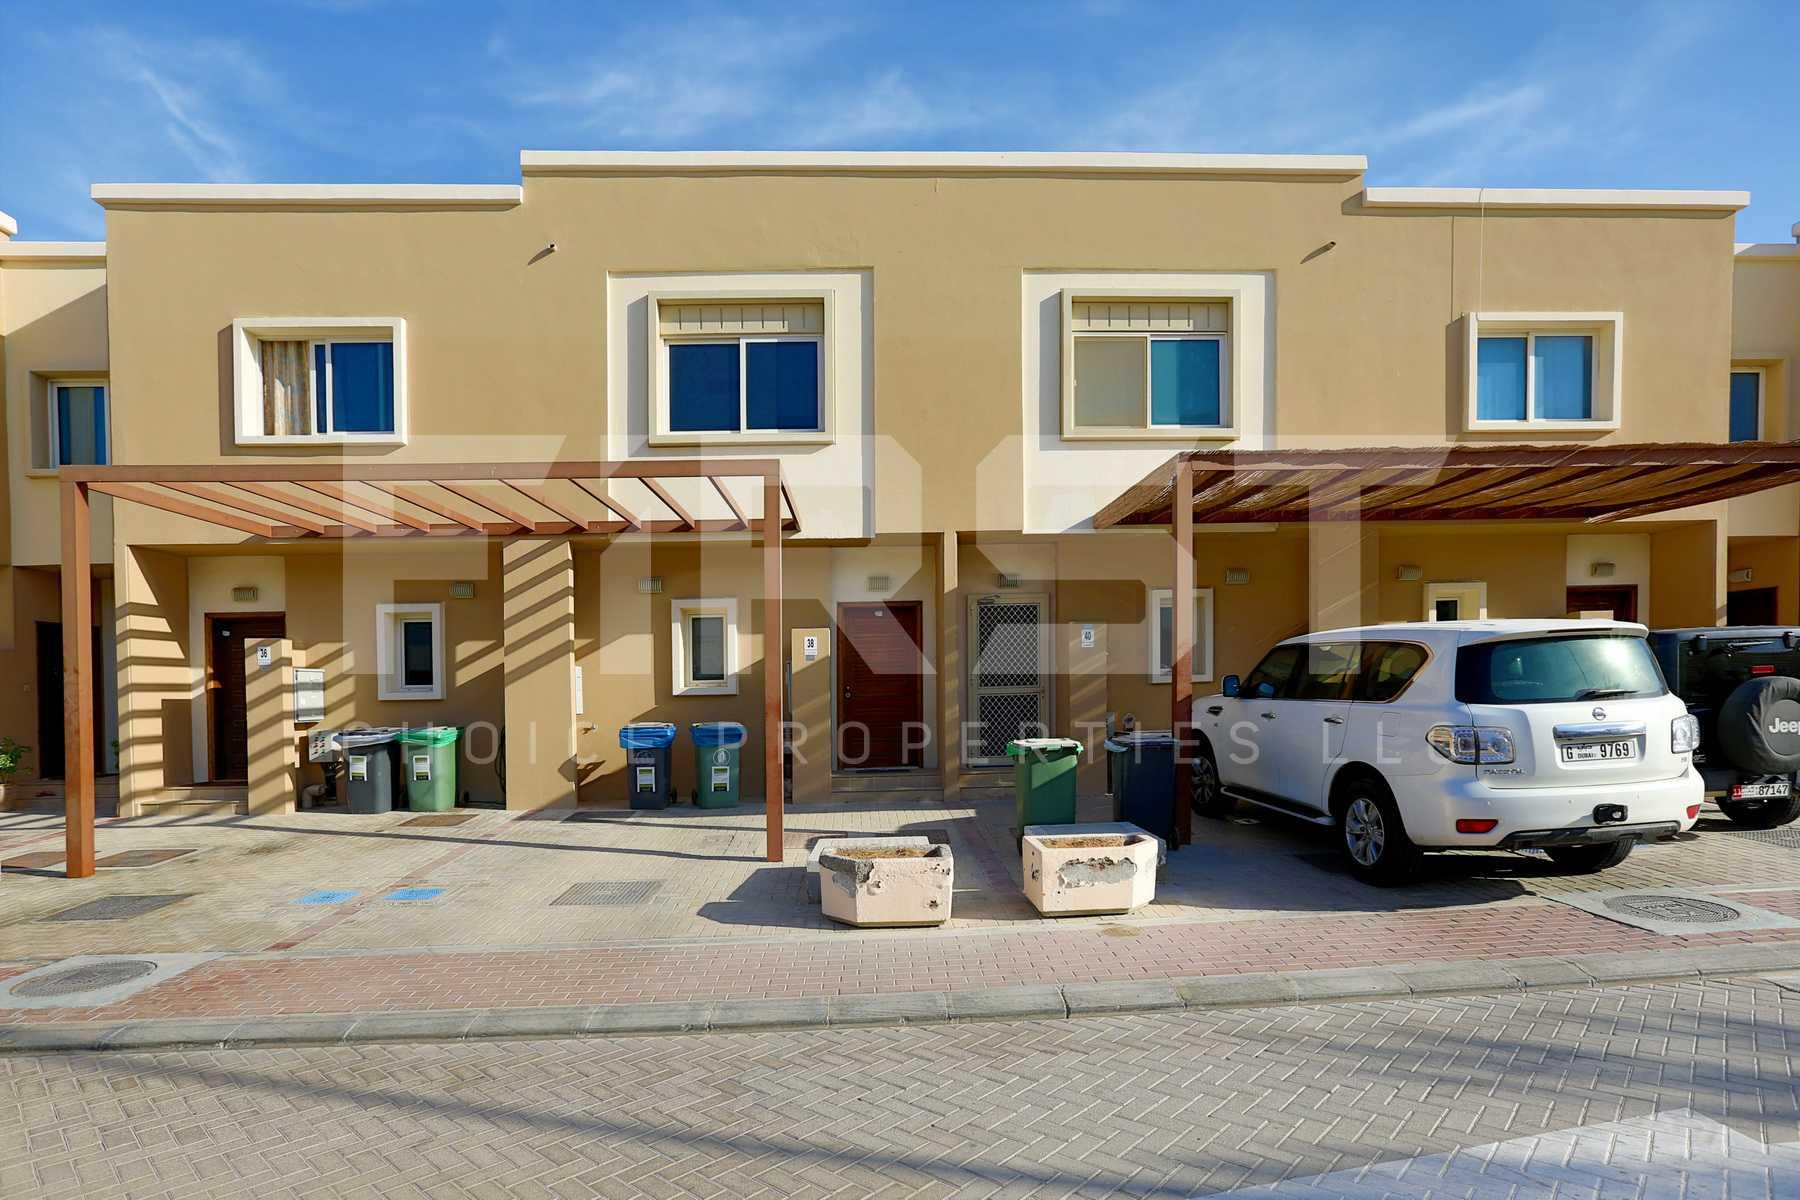 External Photo of Arabian Village Al Reef Villas Al Reef Abu Dhabi UAE (1).jpg